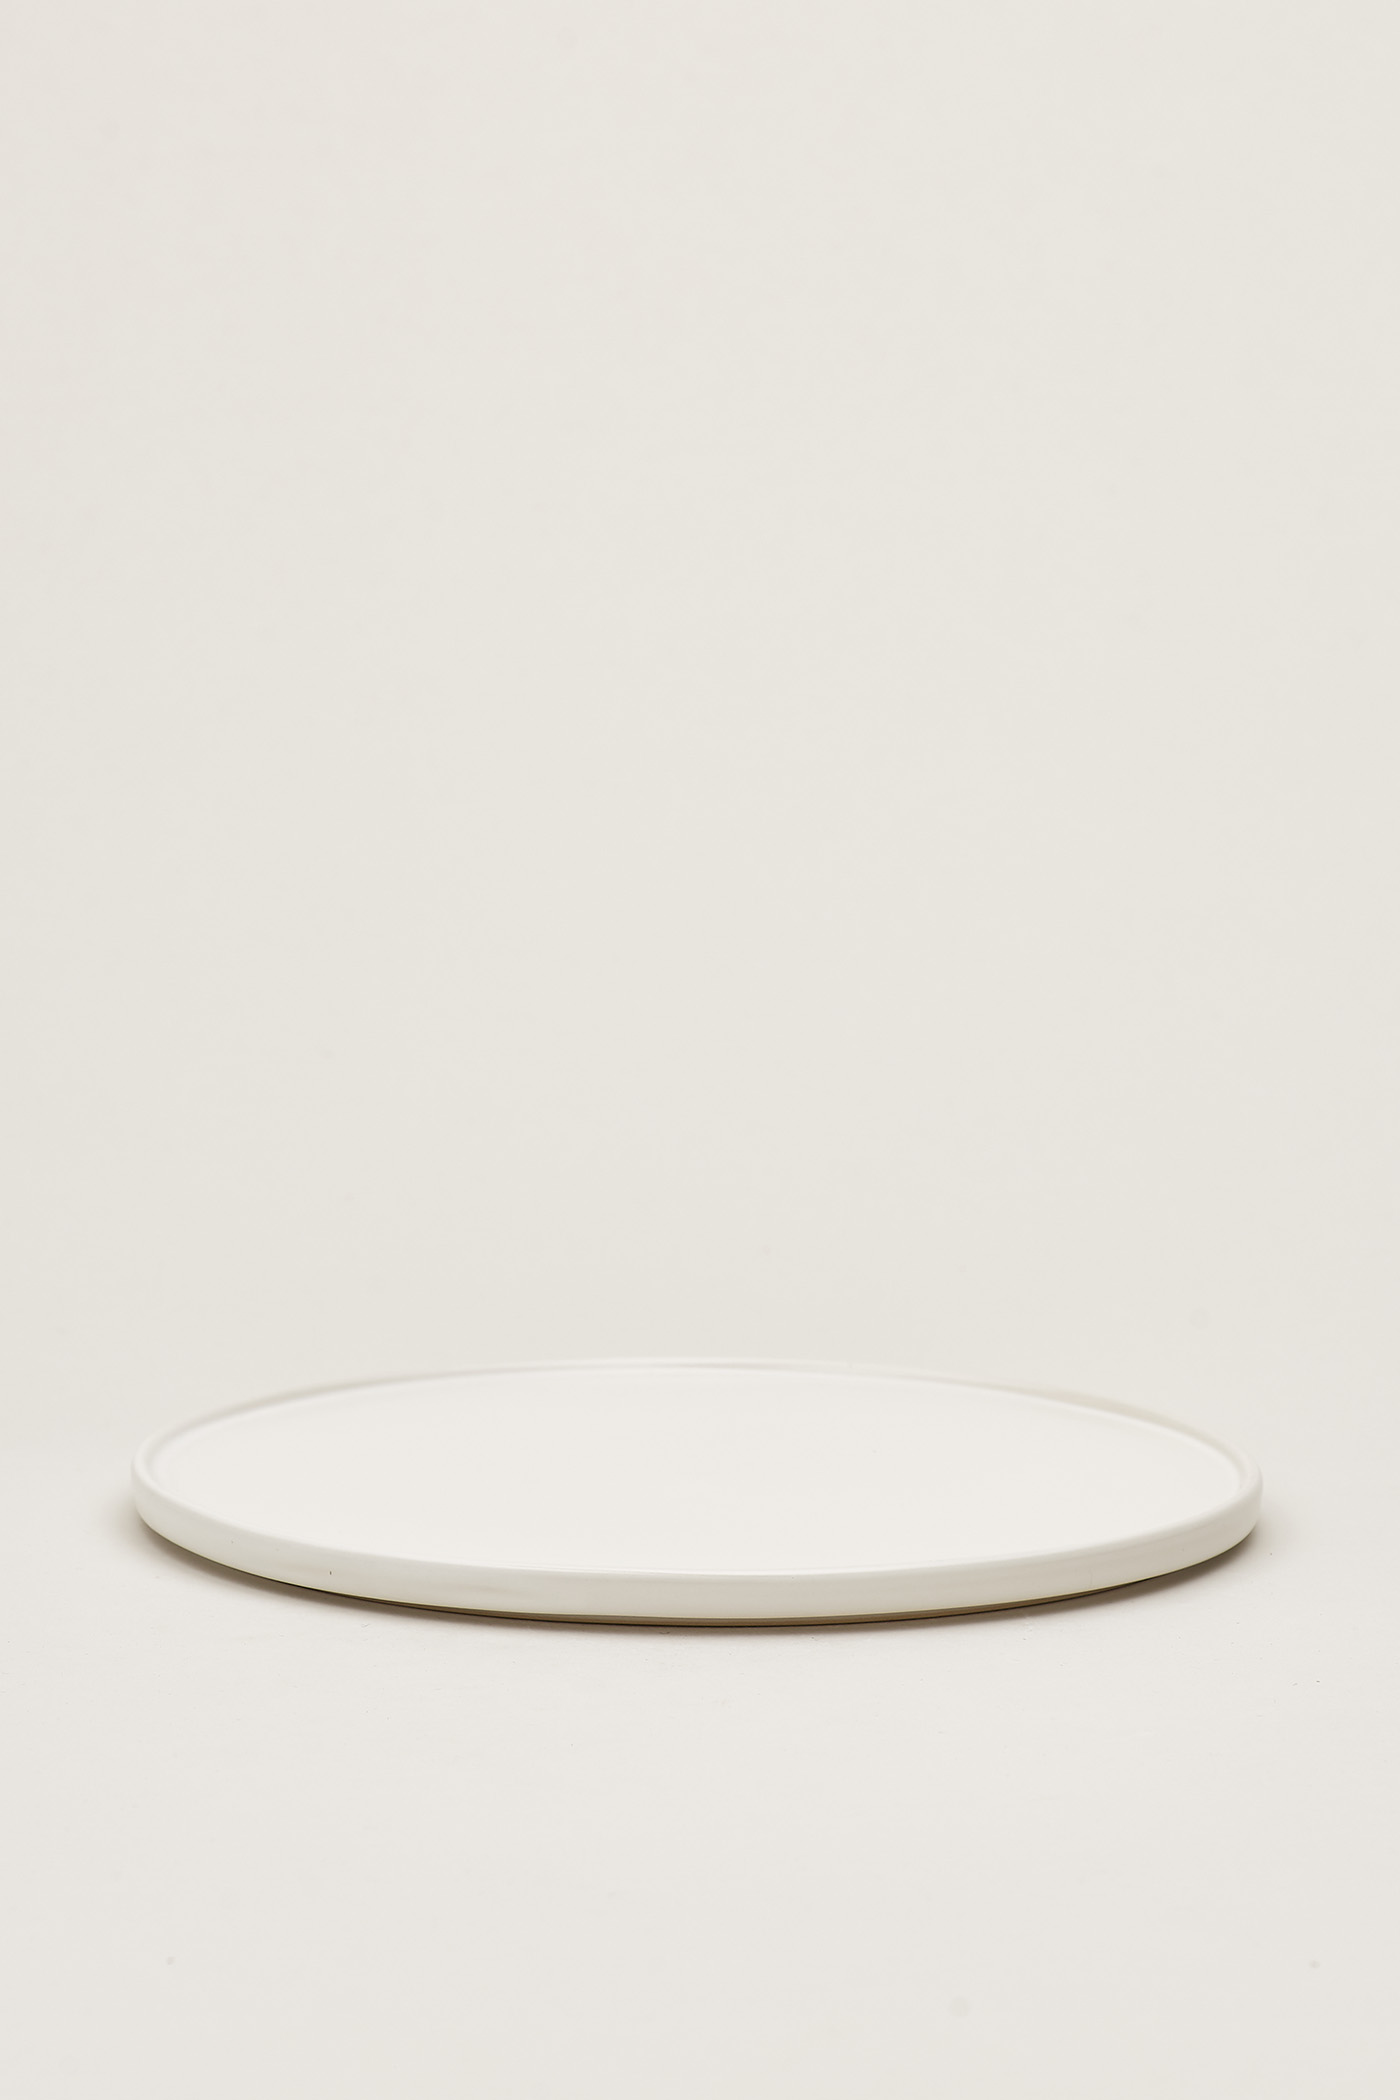 Pora Large Serving Plate